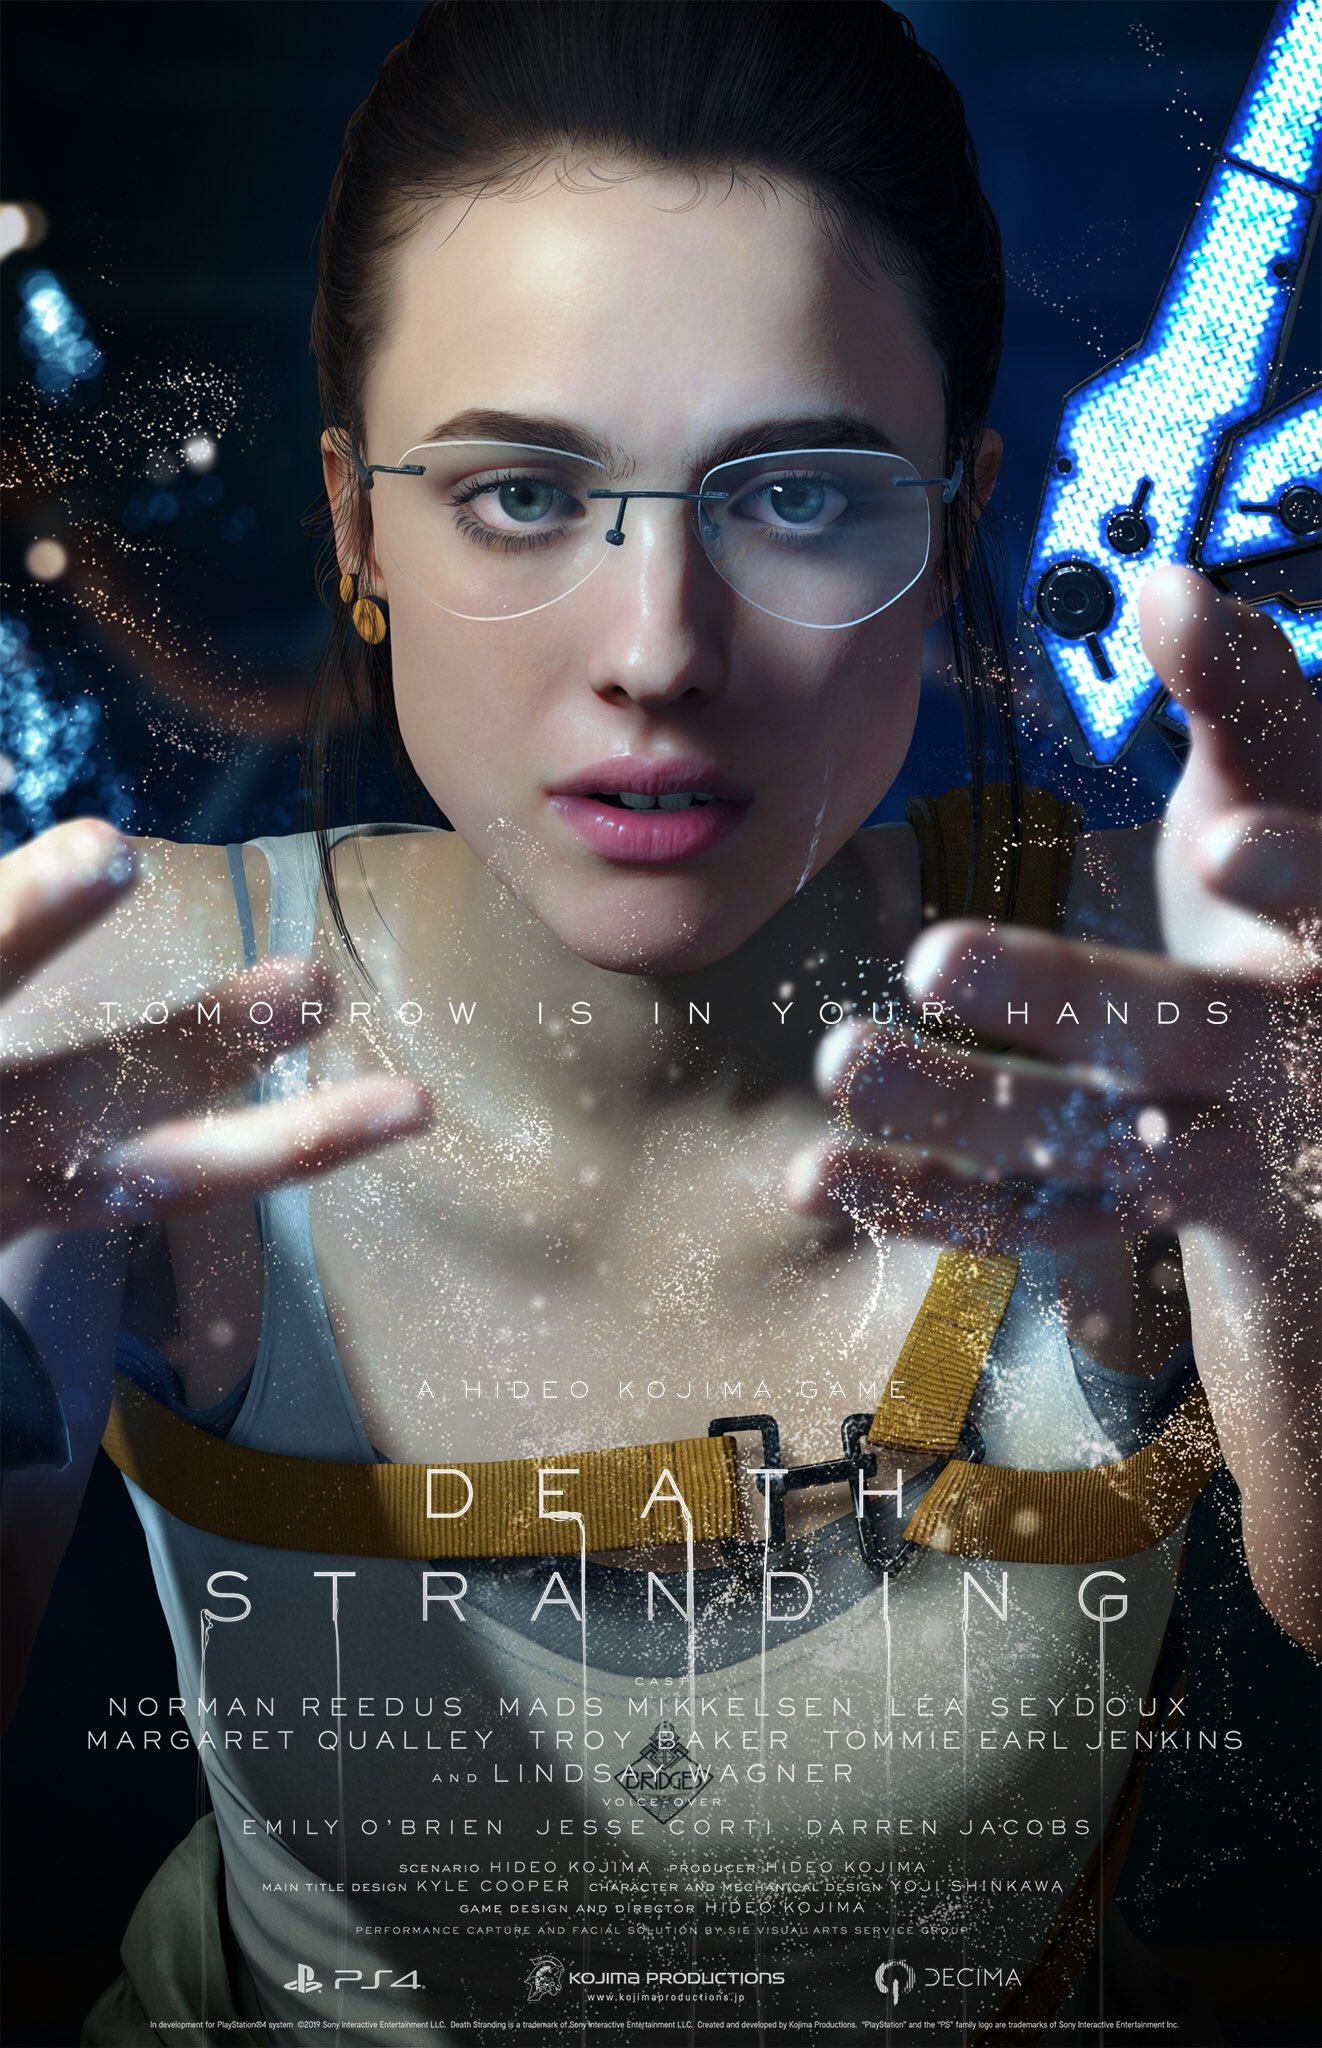 7 3 - 小島秀夫監督の『デス・ストランディング』発売日が11月8日に決定! 最新トレーラーも公開。神ゲーオーラに震えろ